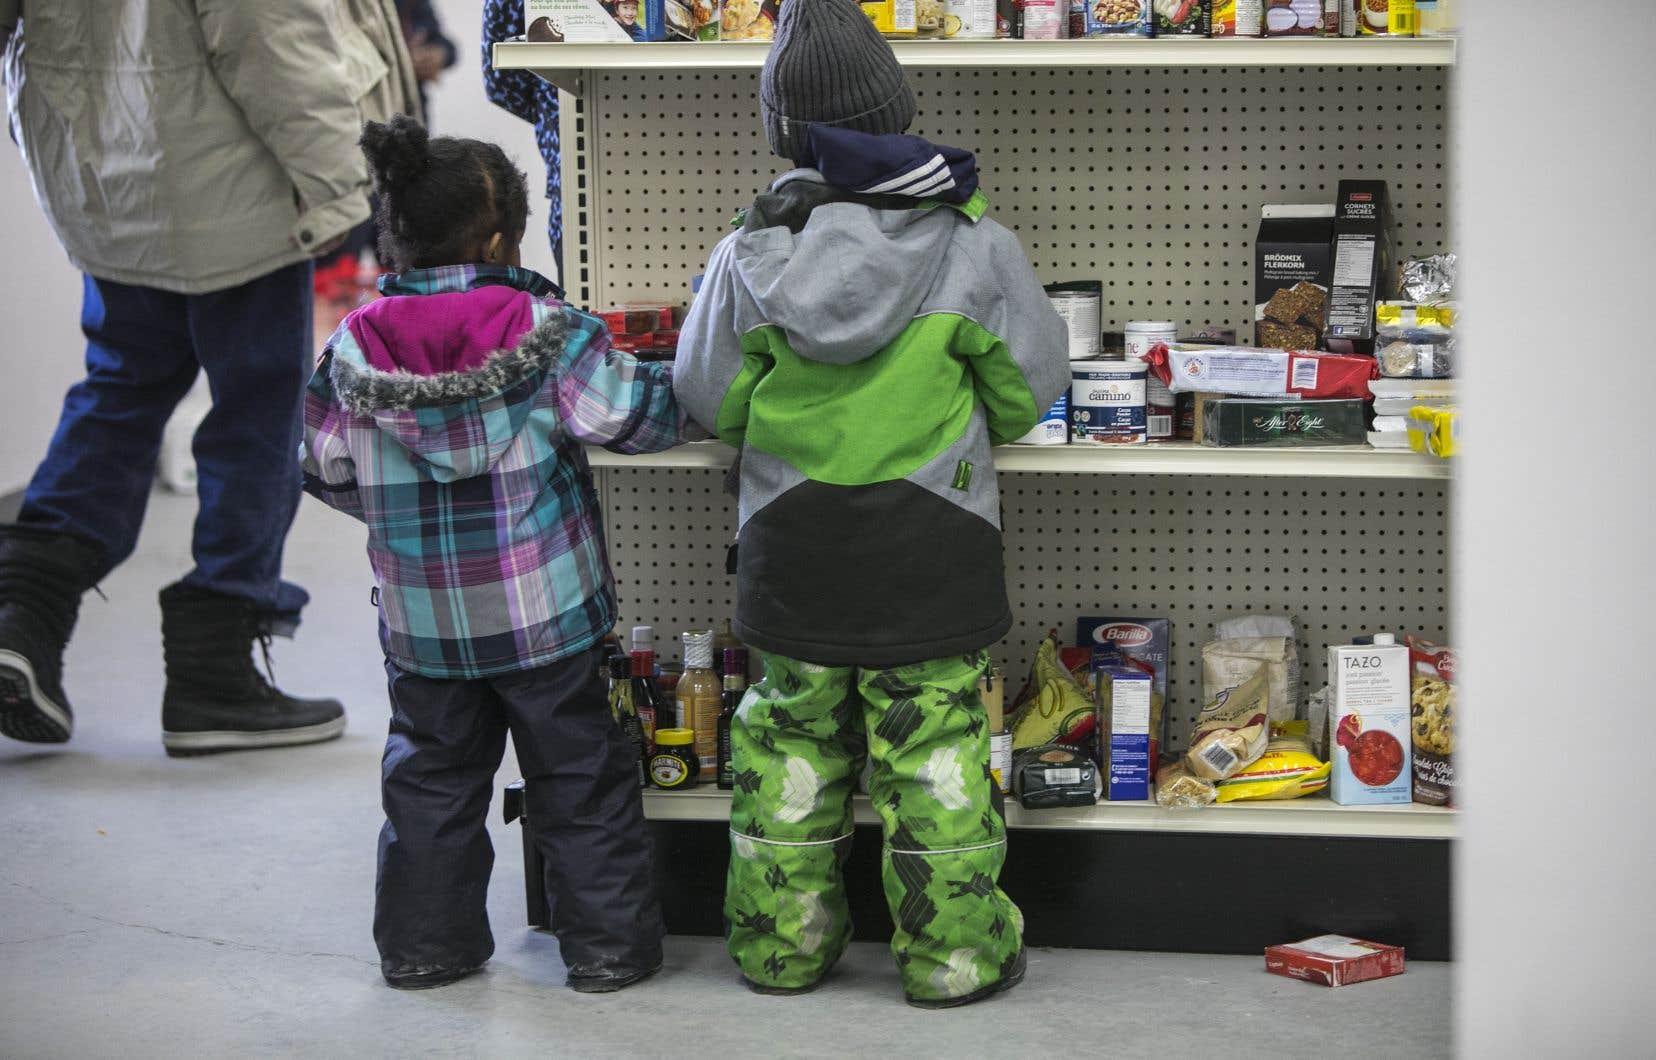 <p>Selon les nouvelles données de Statistique Canada, il y aurait 278000 enfants de moins vivant sous le seuil de la pauvreté en 2017par rapport à 2015.</p>